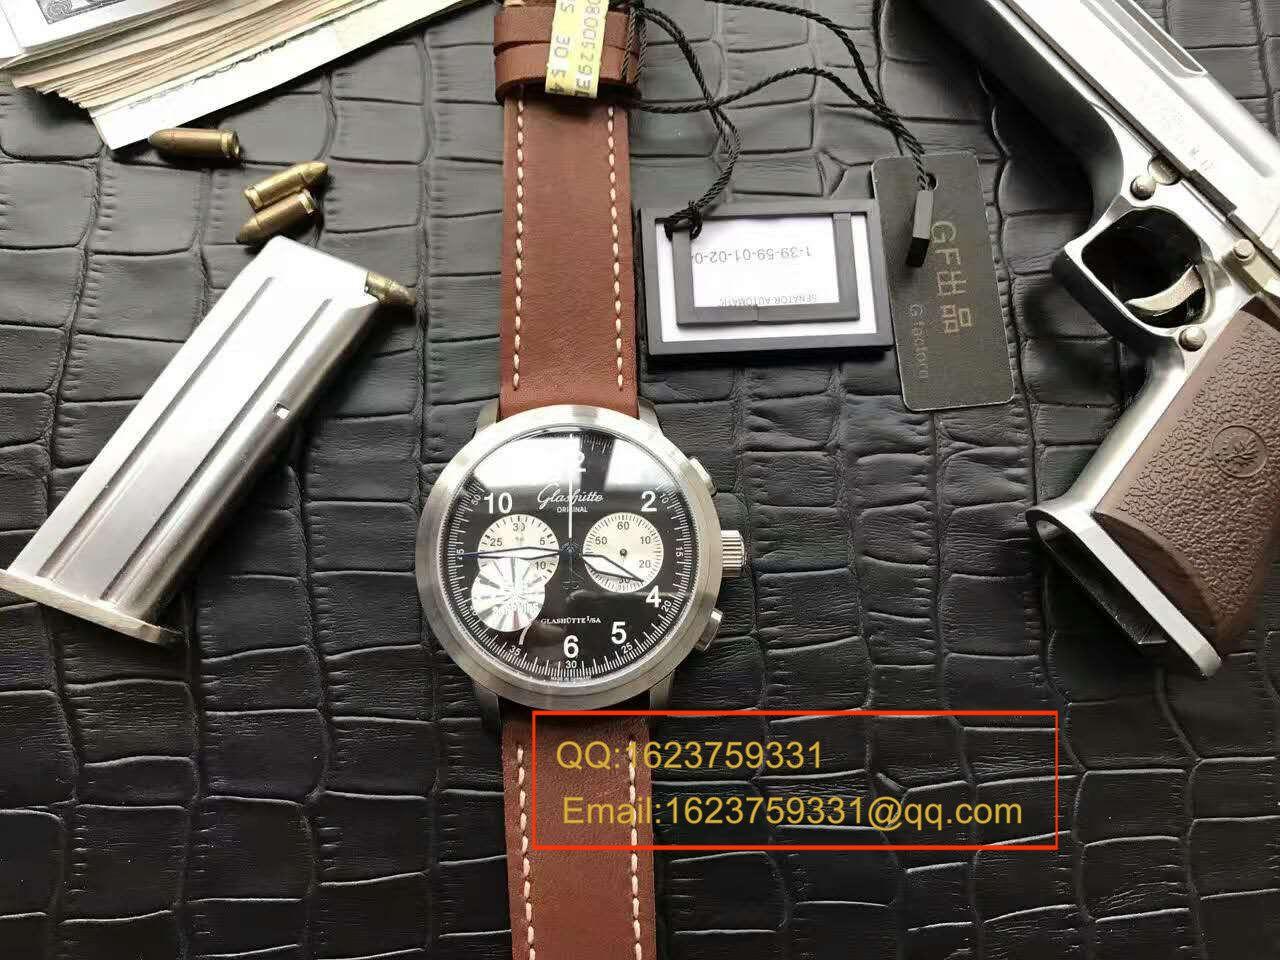 【独家视频测评】GF厂1:1超A高仿手表格拉苏蒂原创SENATOR NAVIGATOR系列39-34-07-07-04男表